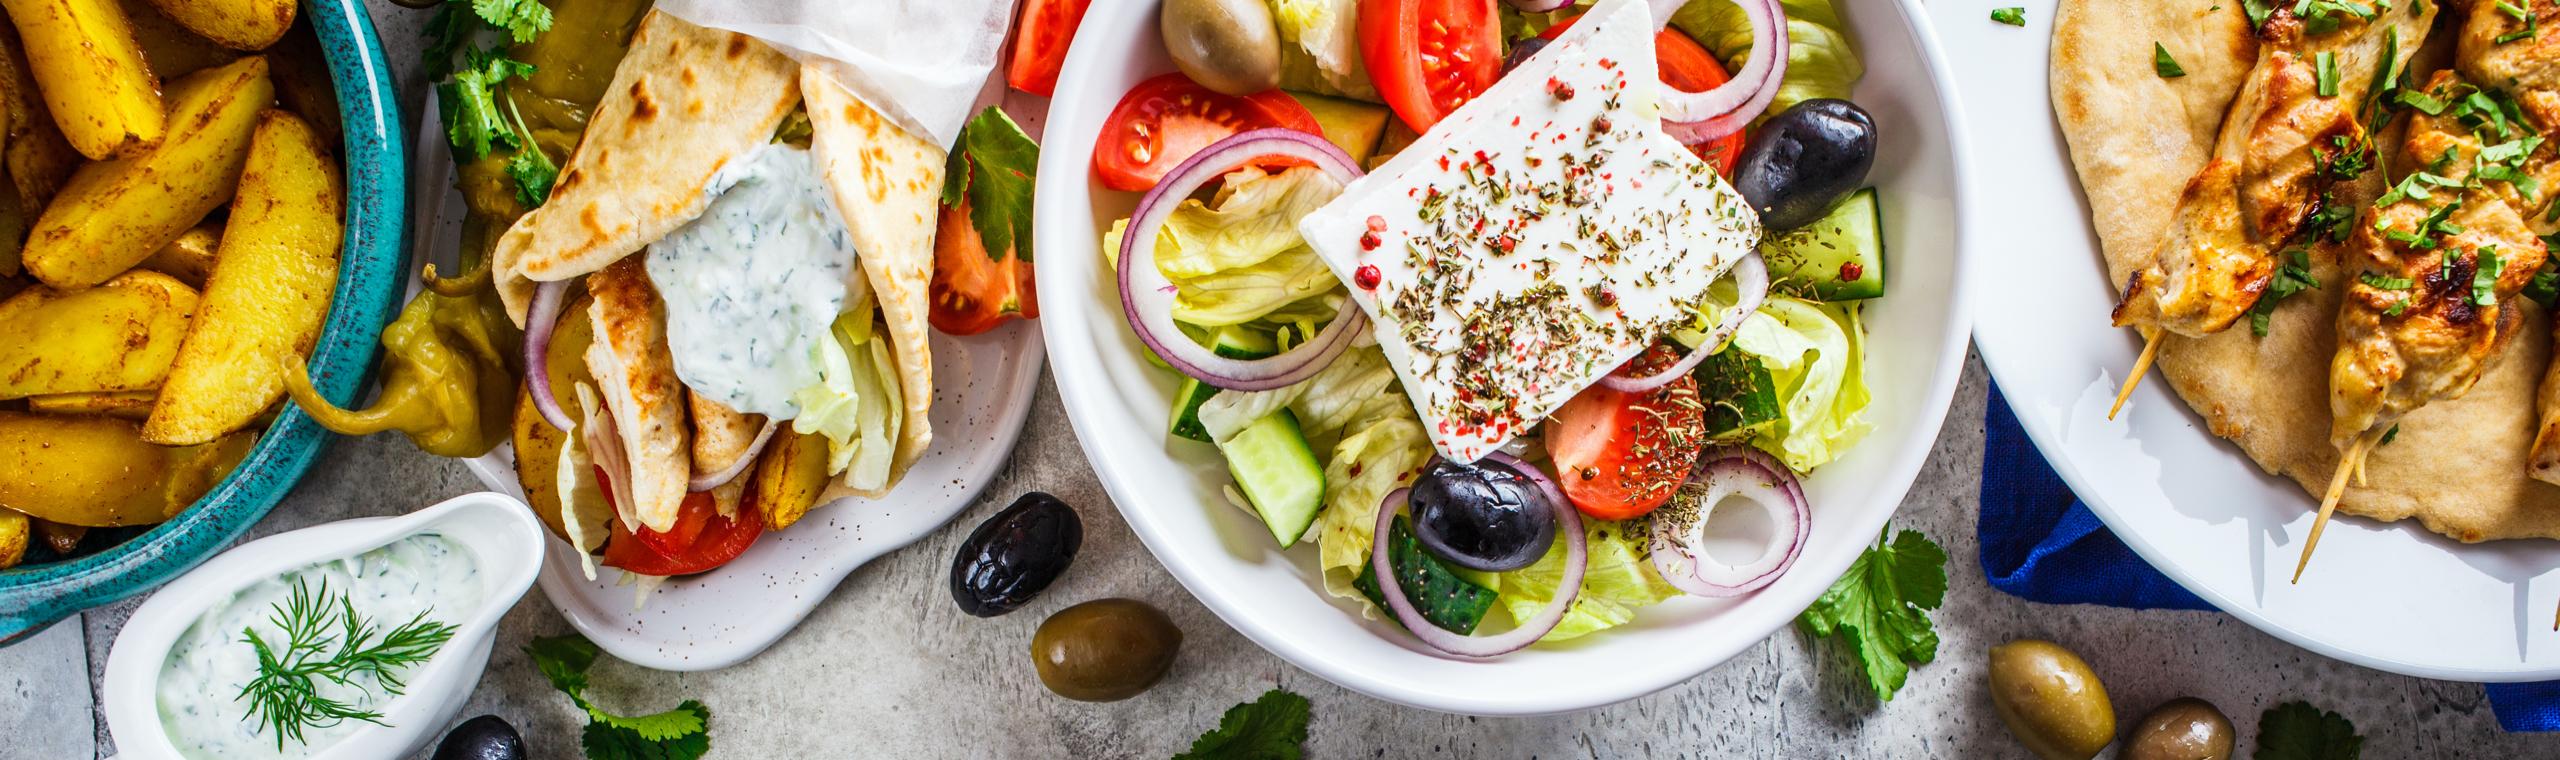 Online griechisches Essen bestellen